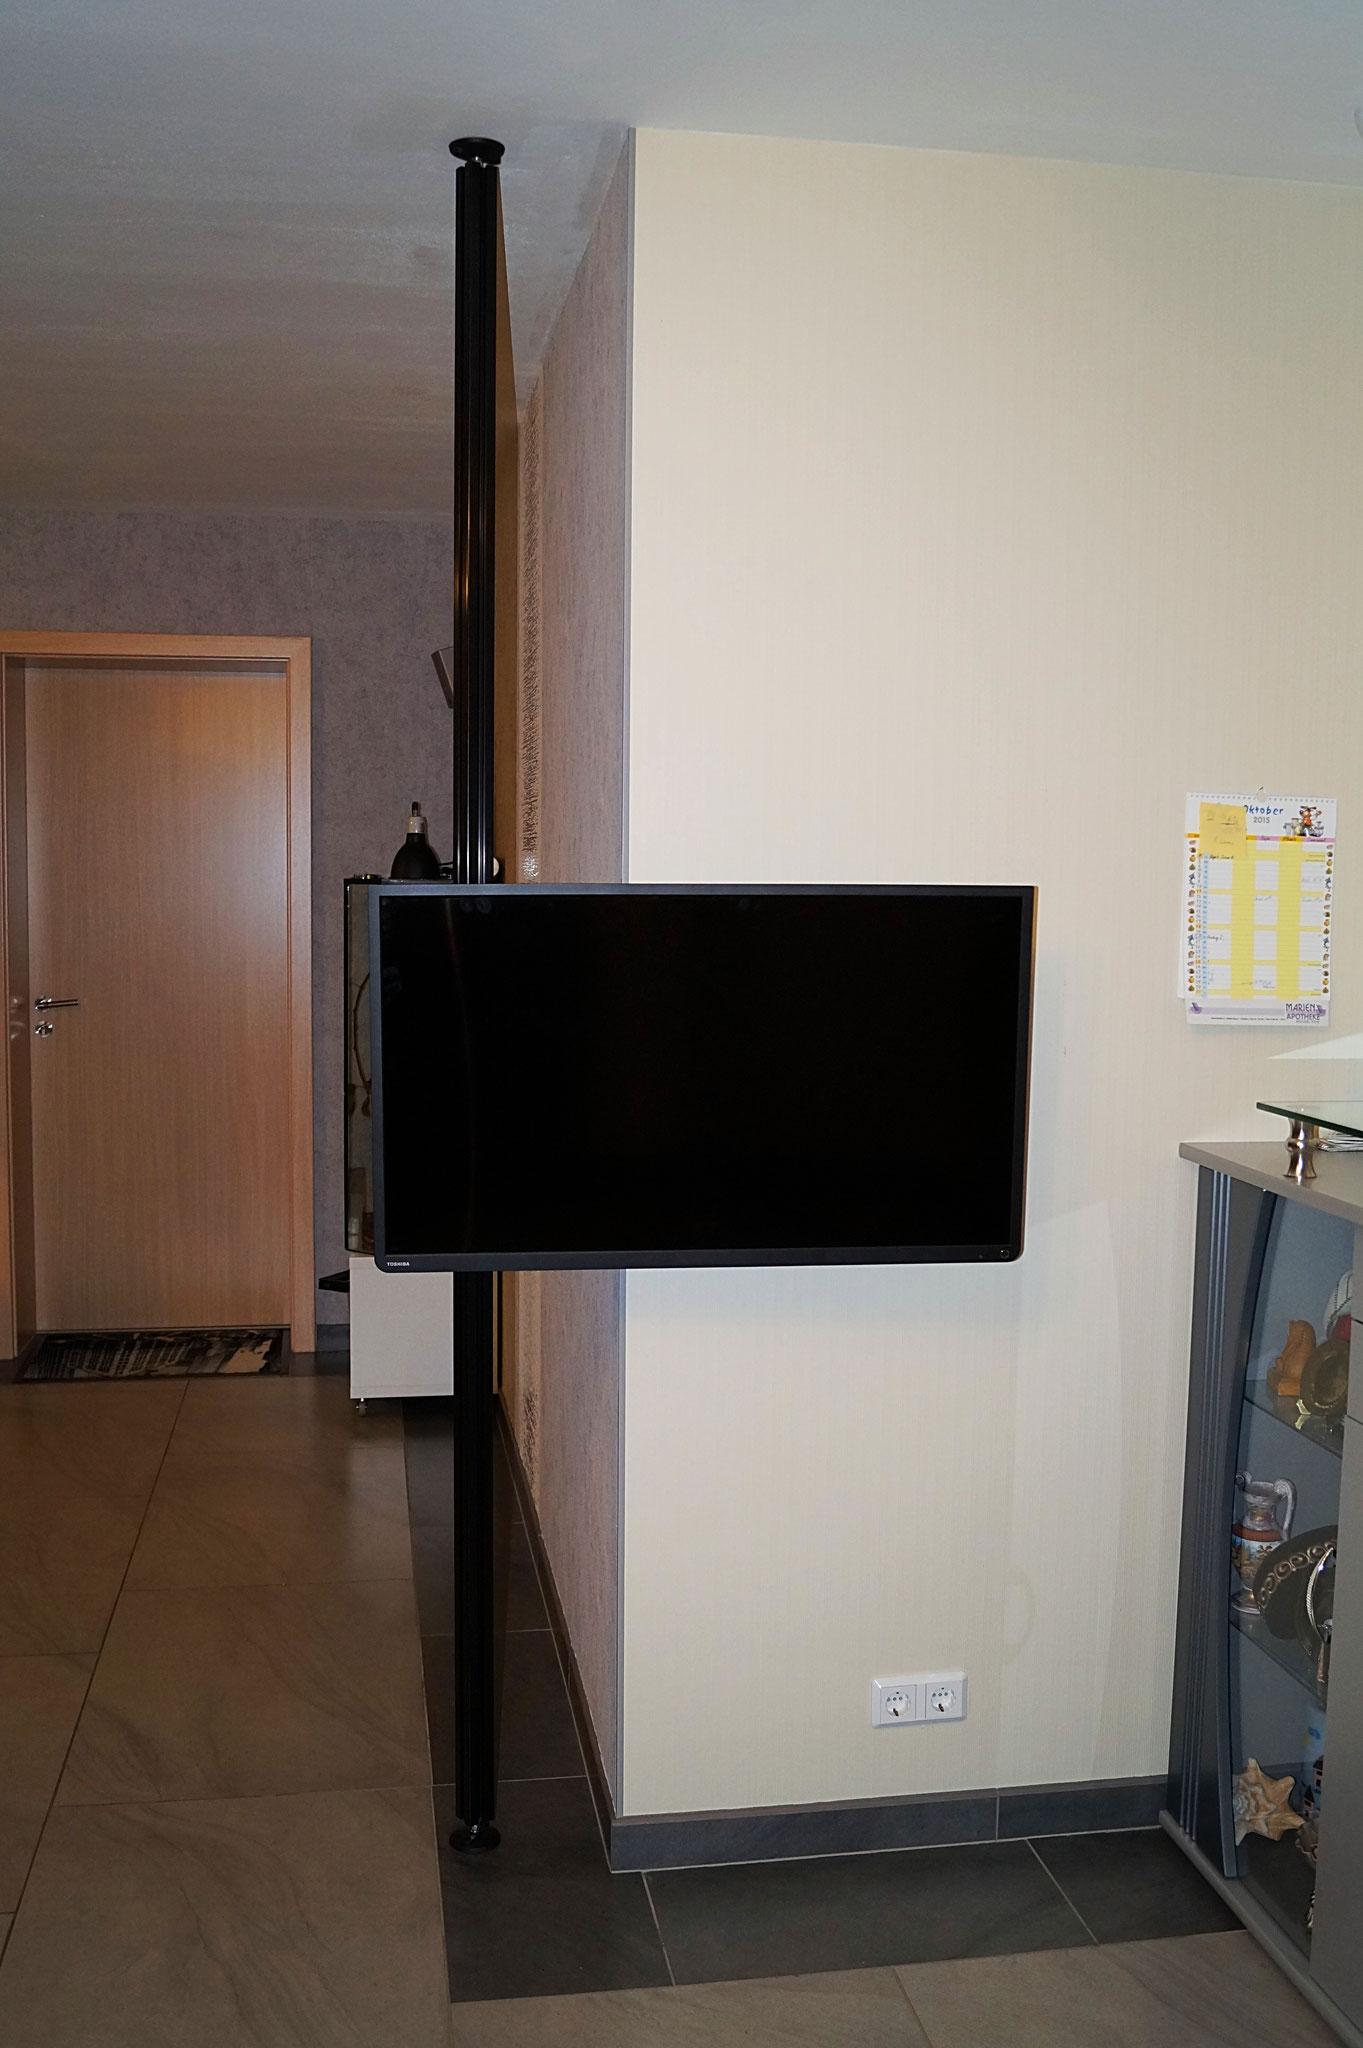 boden decken tv halterung stange uni prof 24. Black Bedroom Furniture Sets. Home Design Ideas